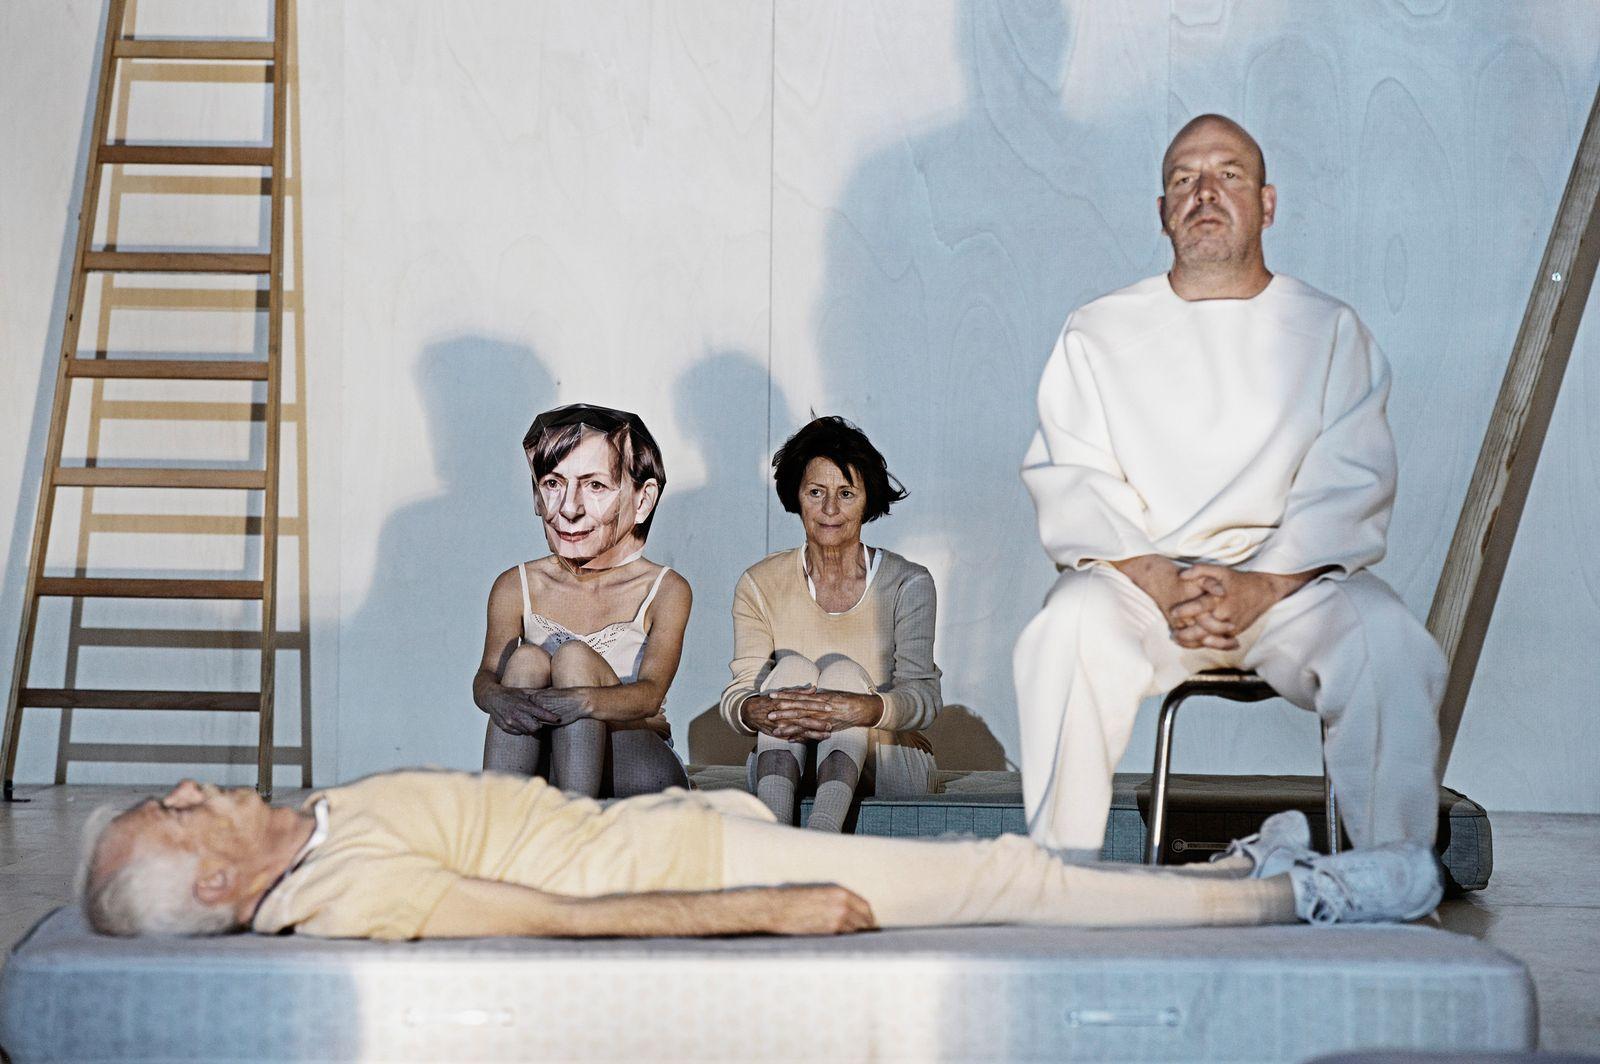 EINMALIGE VERWENDUNG Tageskarte 11.05.15/ Theater/ Geister sind auch nur Menschen